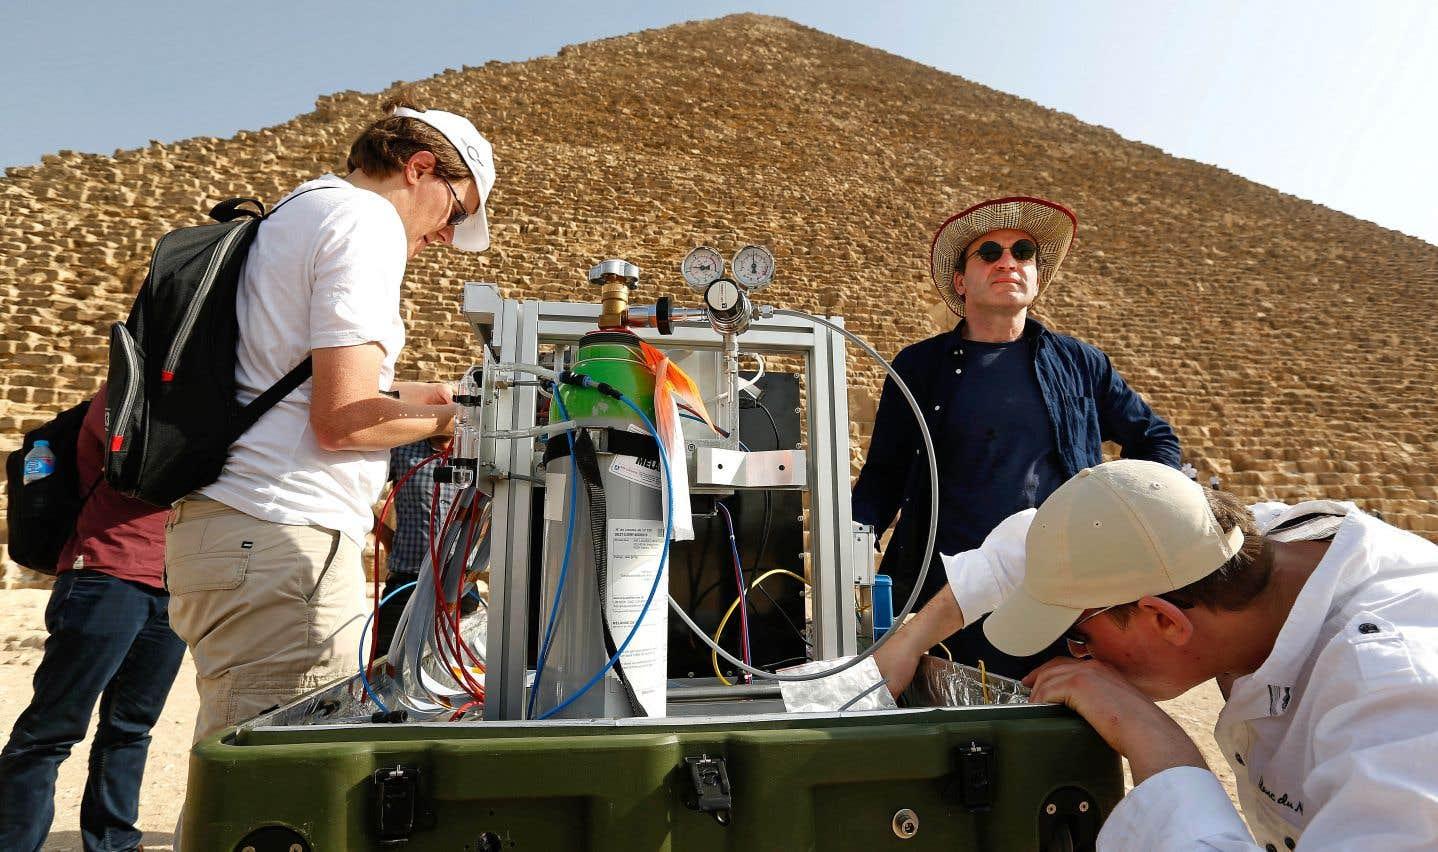 Dans le but de mieux comprendre la structure de la pyramide sans toutefois percer des ouvertures, les chercheurs ont fait appel à différentes techniques de détection des muons.